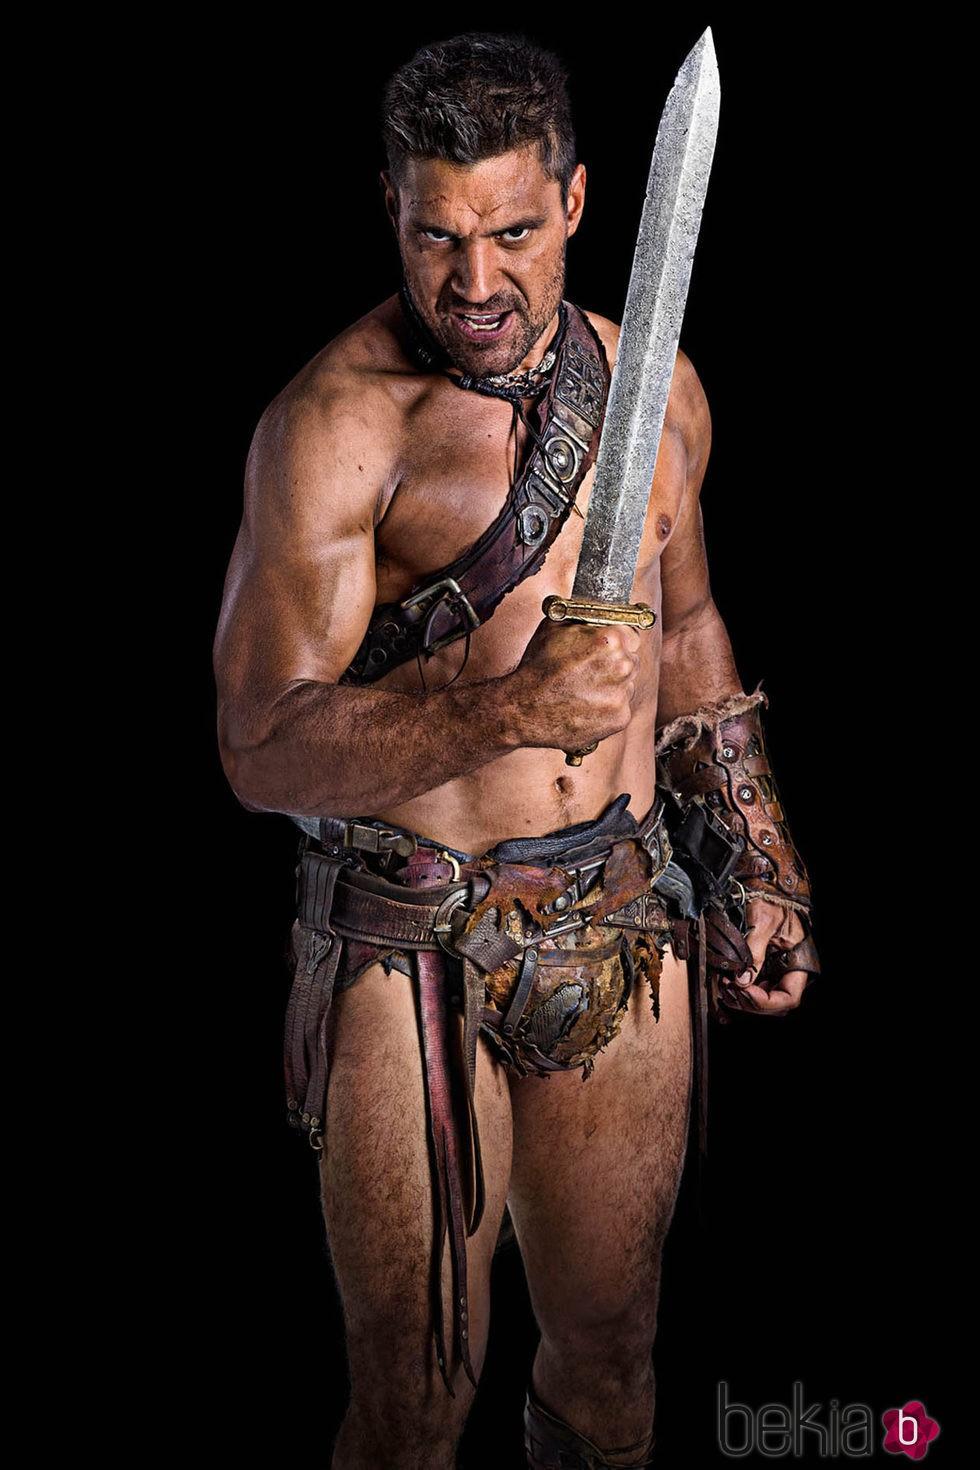 Arrestaron al Galo invicto, spartacus - Taringa!